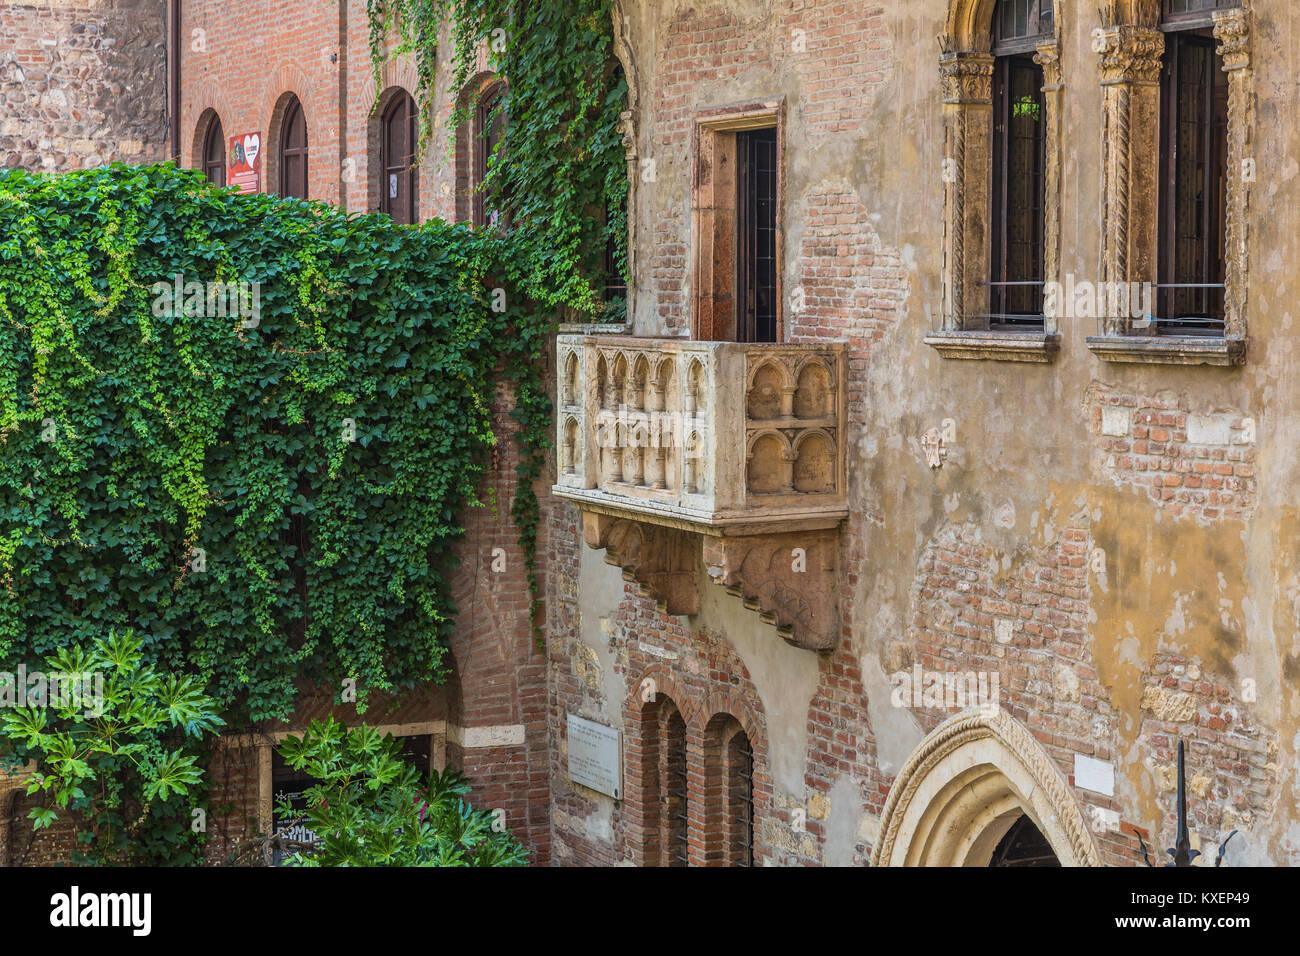 Il balcone della casa di Julia, la Casa di Giulietta, Via Cappello, Verona, Veneto, Italia Immagini Stock